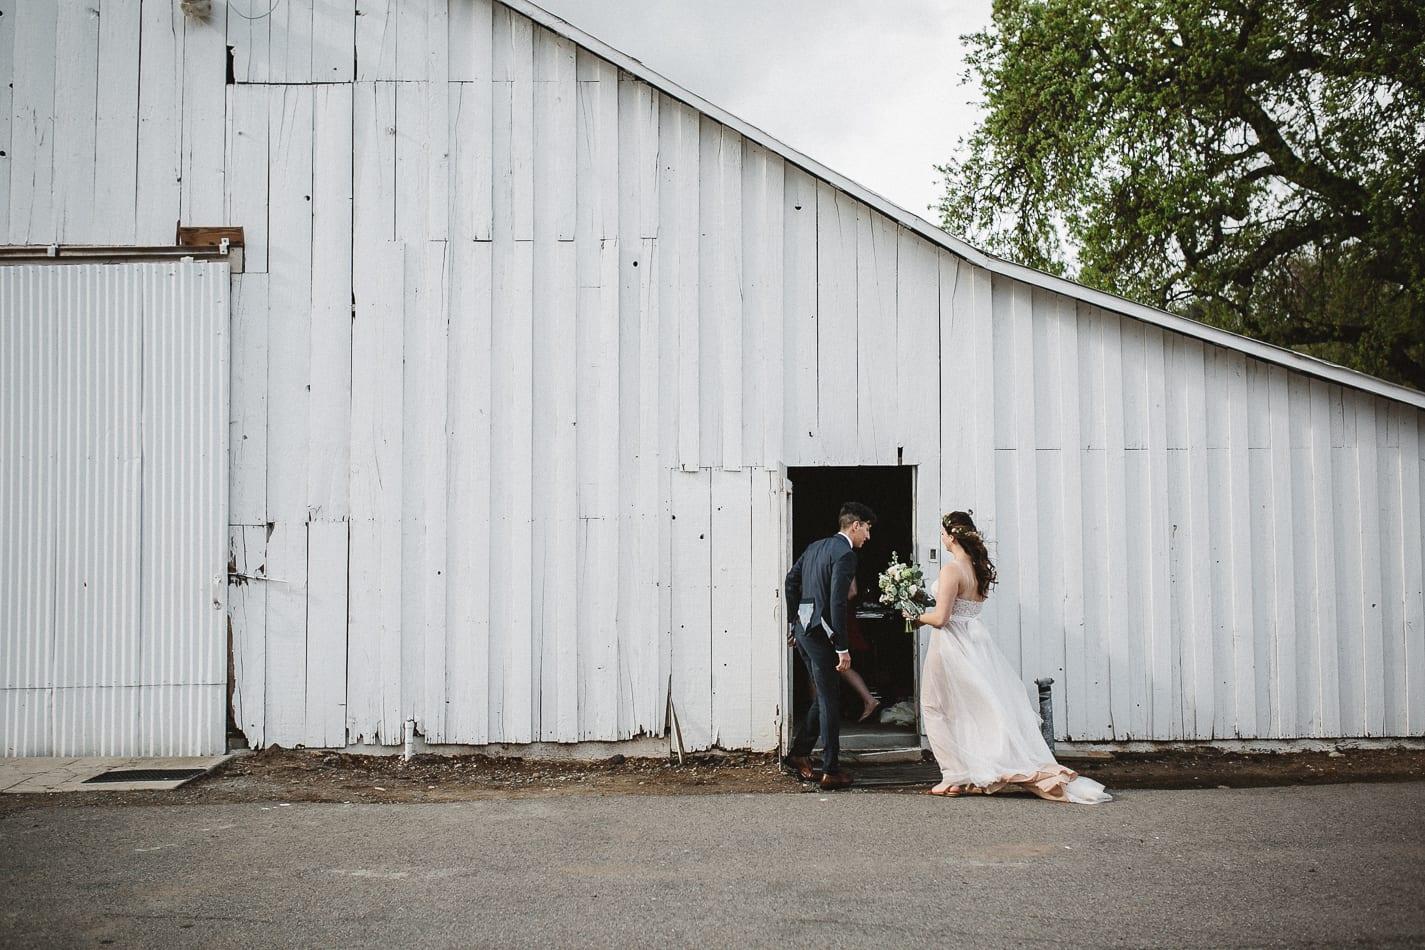 gover-ranch-redding-california-wedding-photographer-175